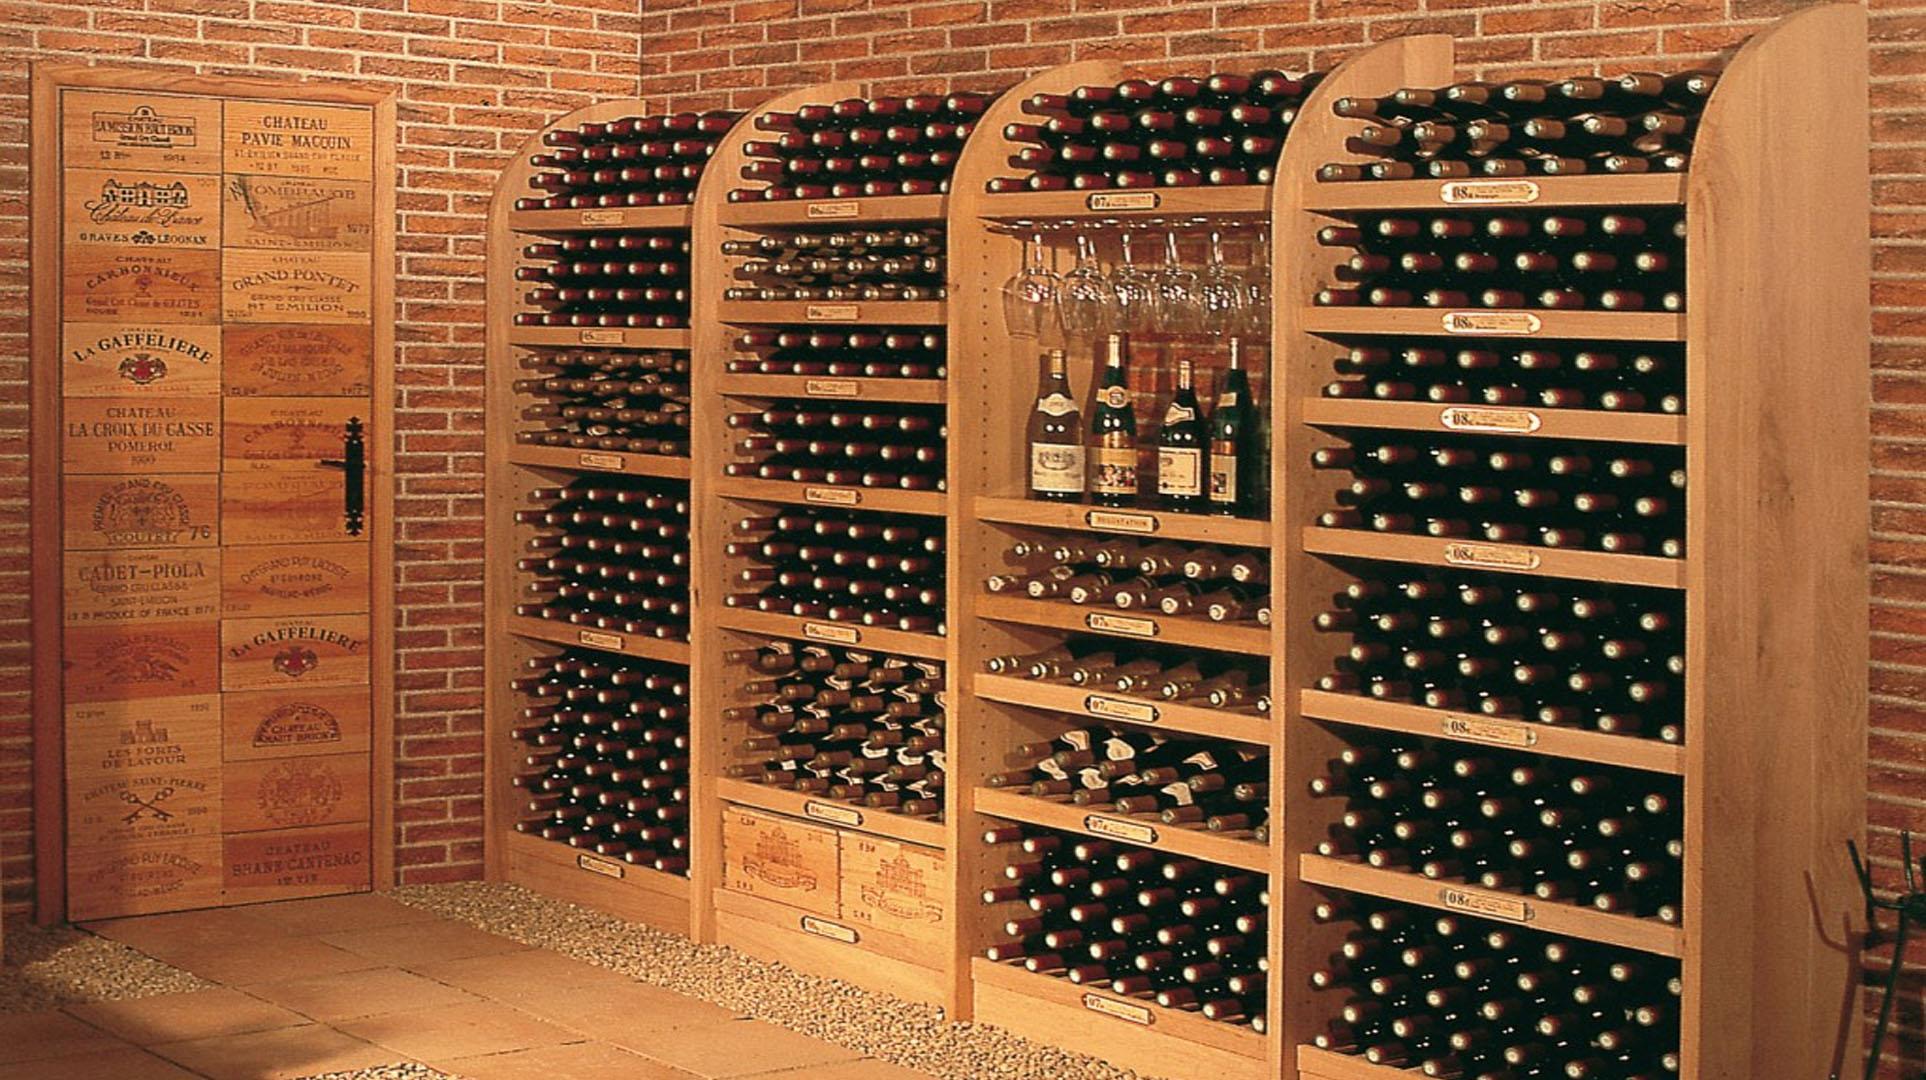 Fabricaci n de botelleros de vino a medida artesanales - Botelleros de madera para vino ...